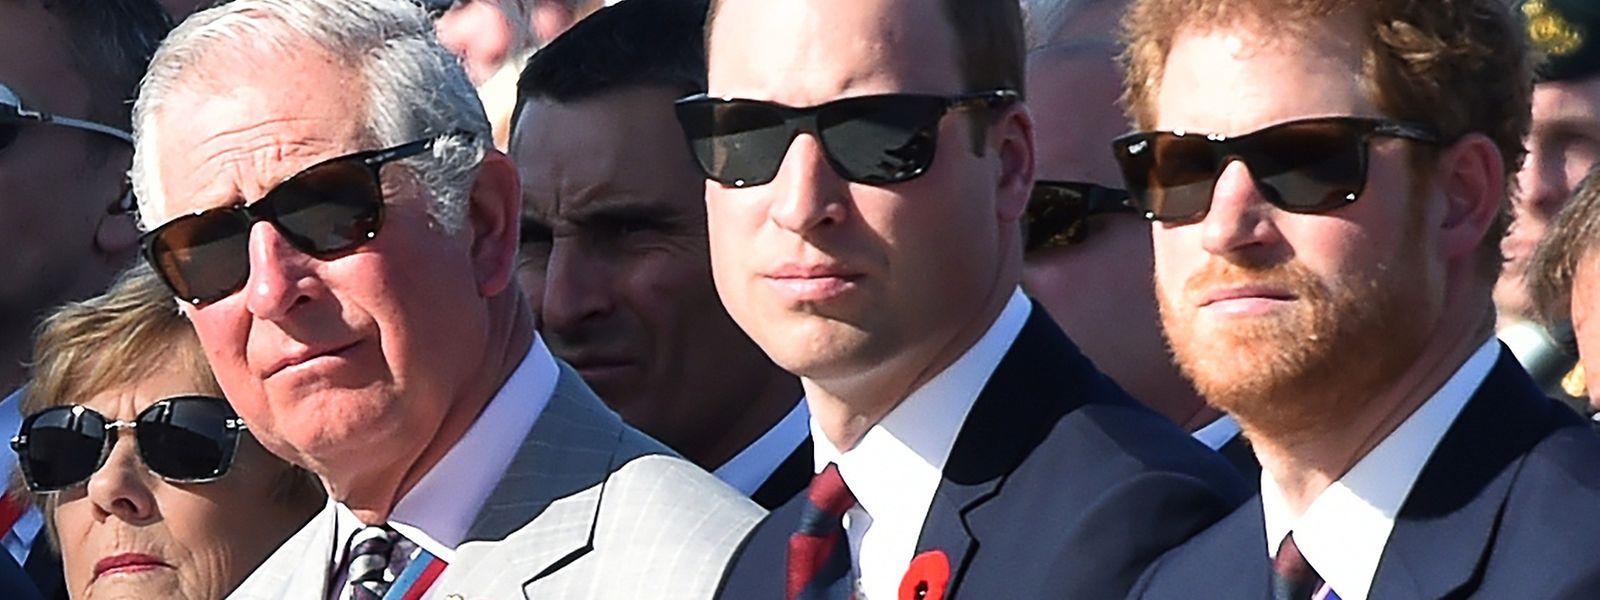 Prinz Charles ist bei der britischen Bevölkerung weit weniger beliebt als seine Söhne William und Harry.